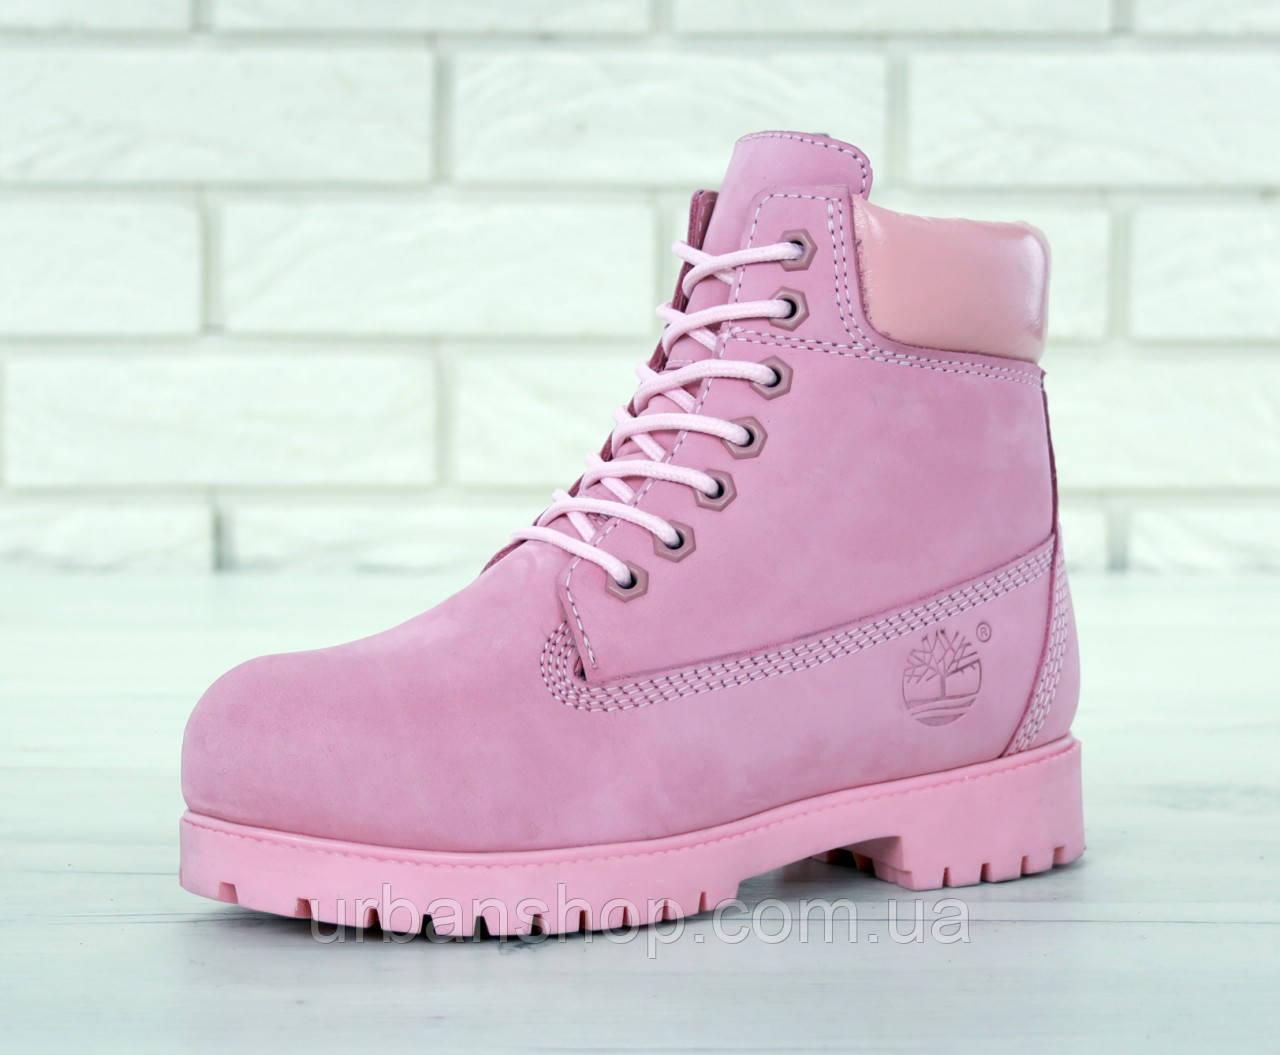 Зимові черевики Timberland pink, жіночі черевики с натуральным хутром. ТОП Репліка ААА класу.